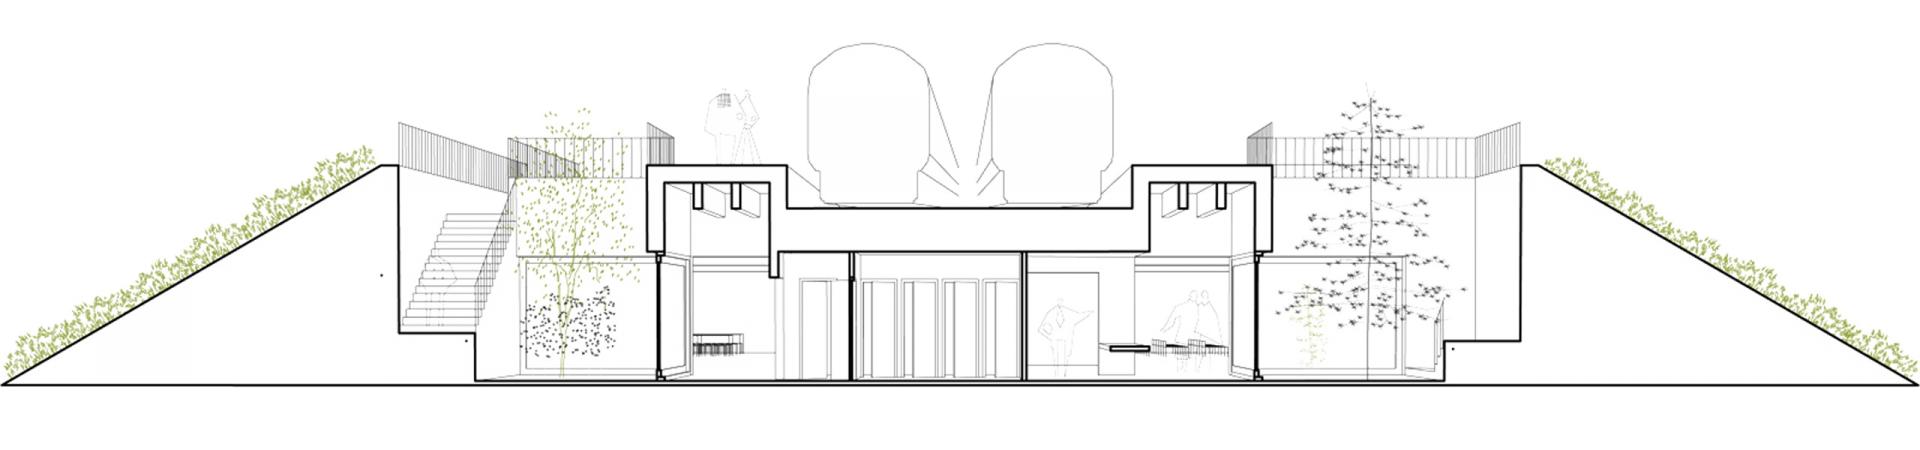 Oostvaarders Section 3